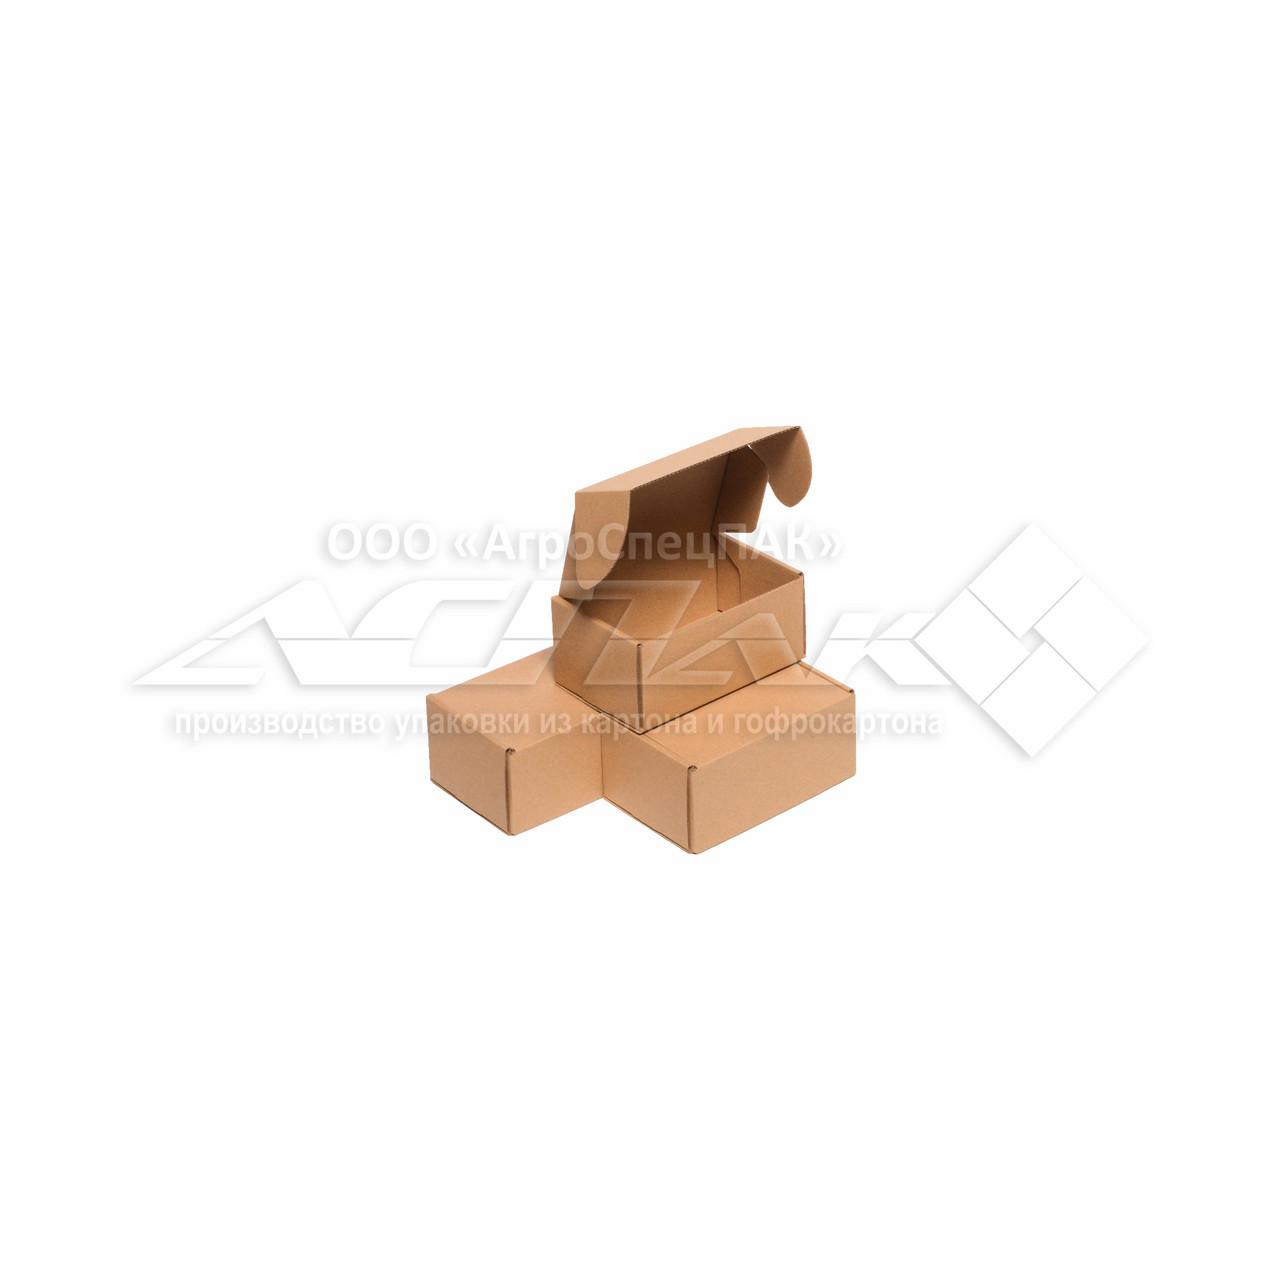 Картонные коробки 150*100*70 крафт - фото 1